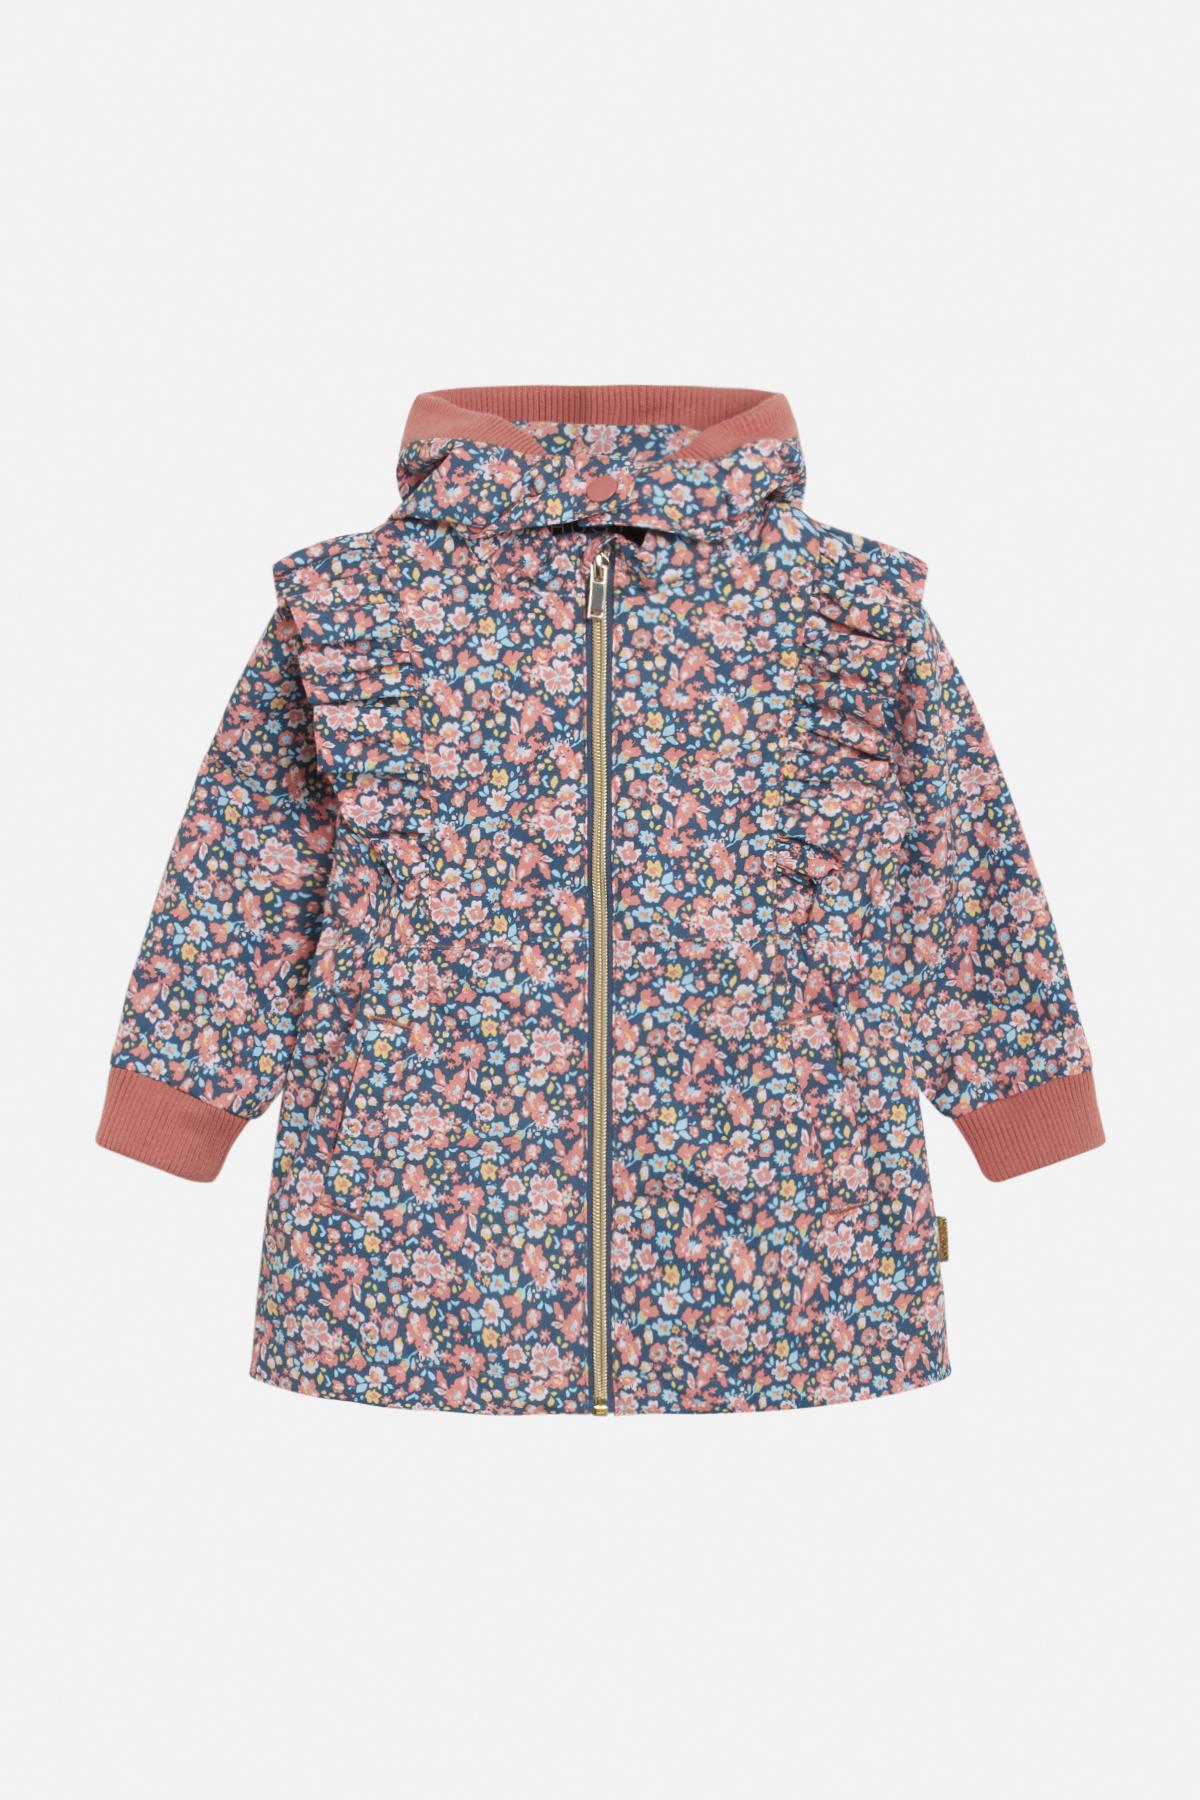 Uni - Ofelise - Jacket